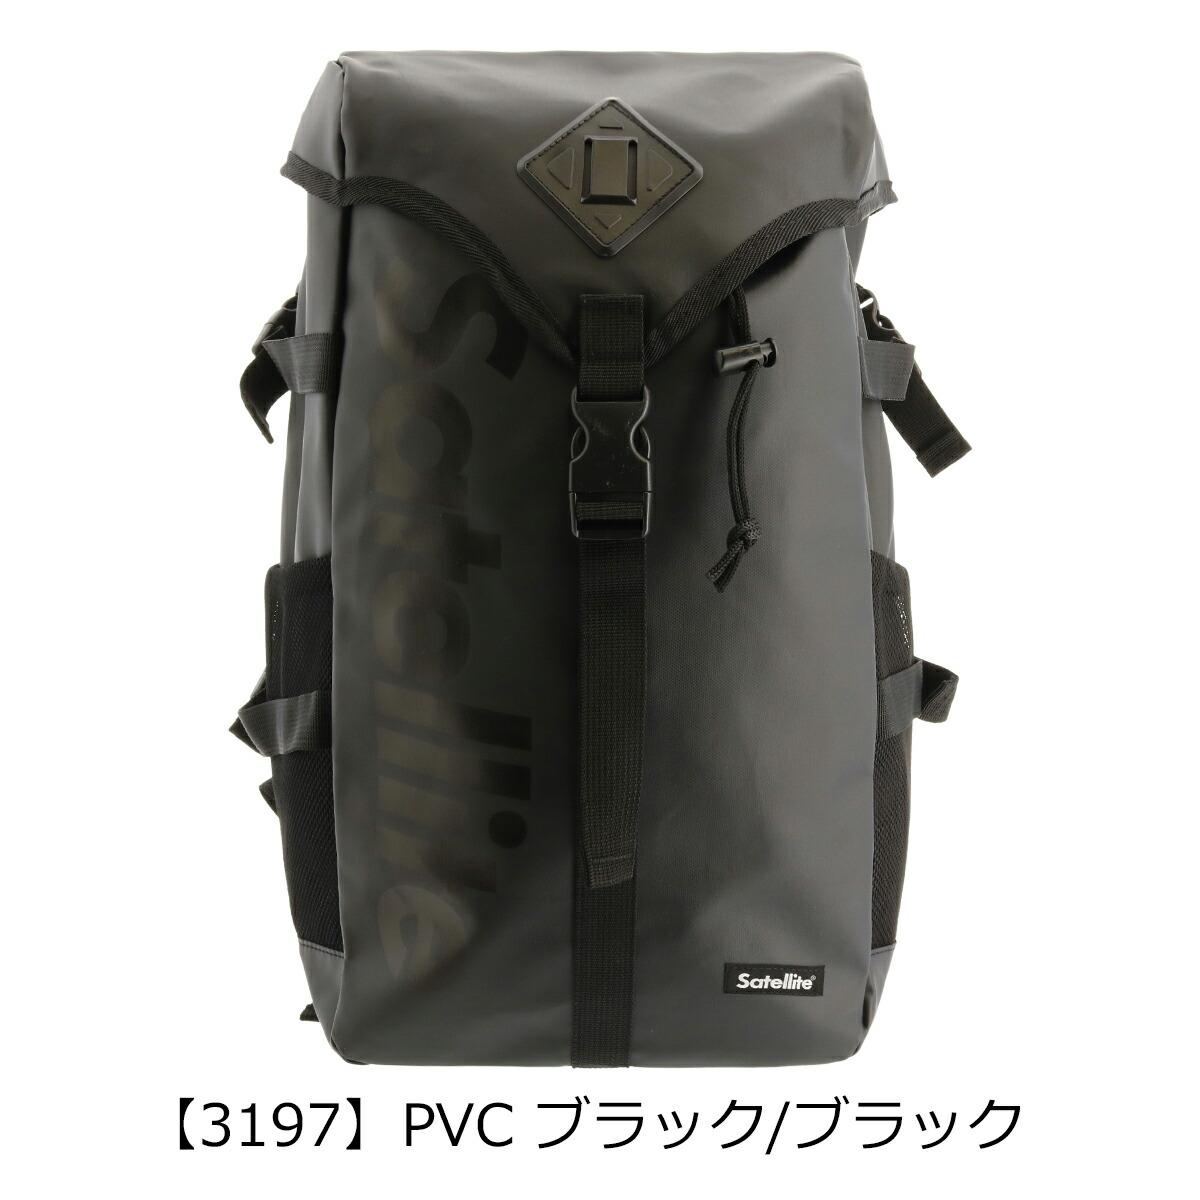 【3197】PVC ブラック/ブラック